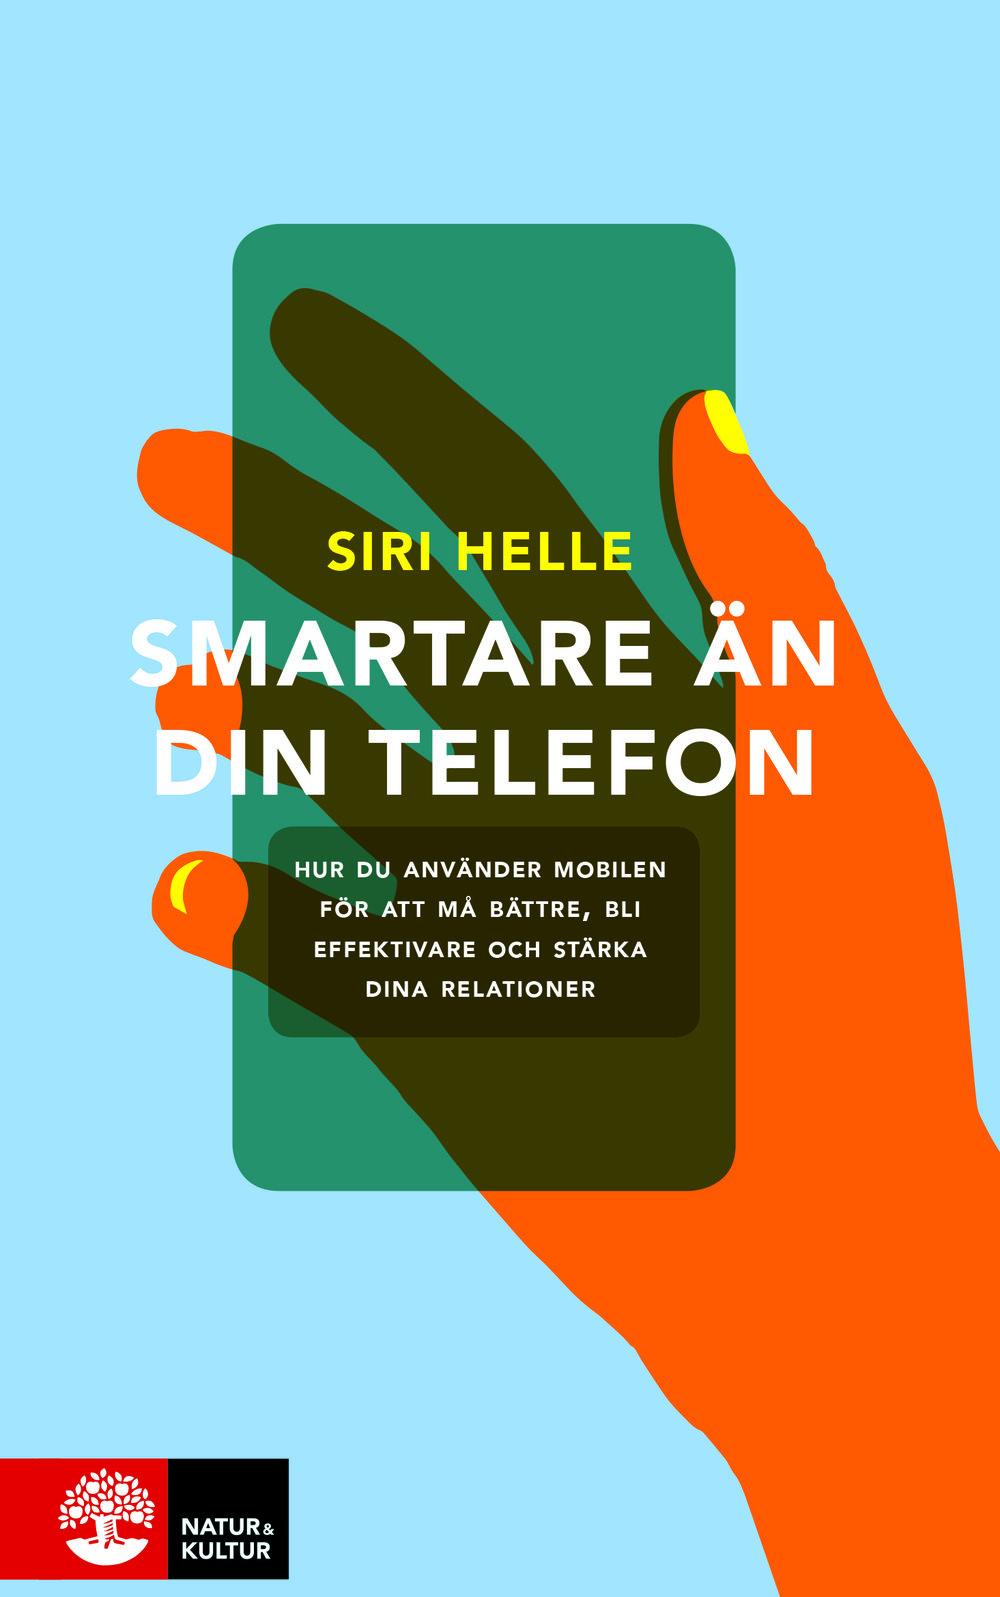 O_smartare an din telefon.jpg